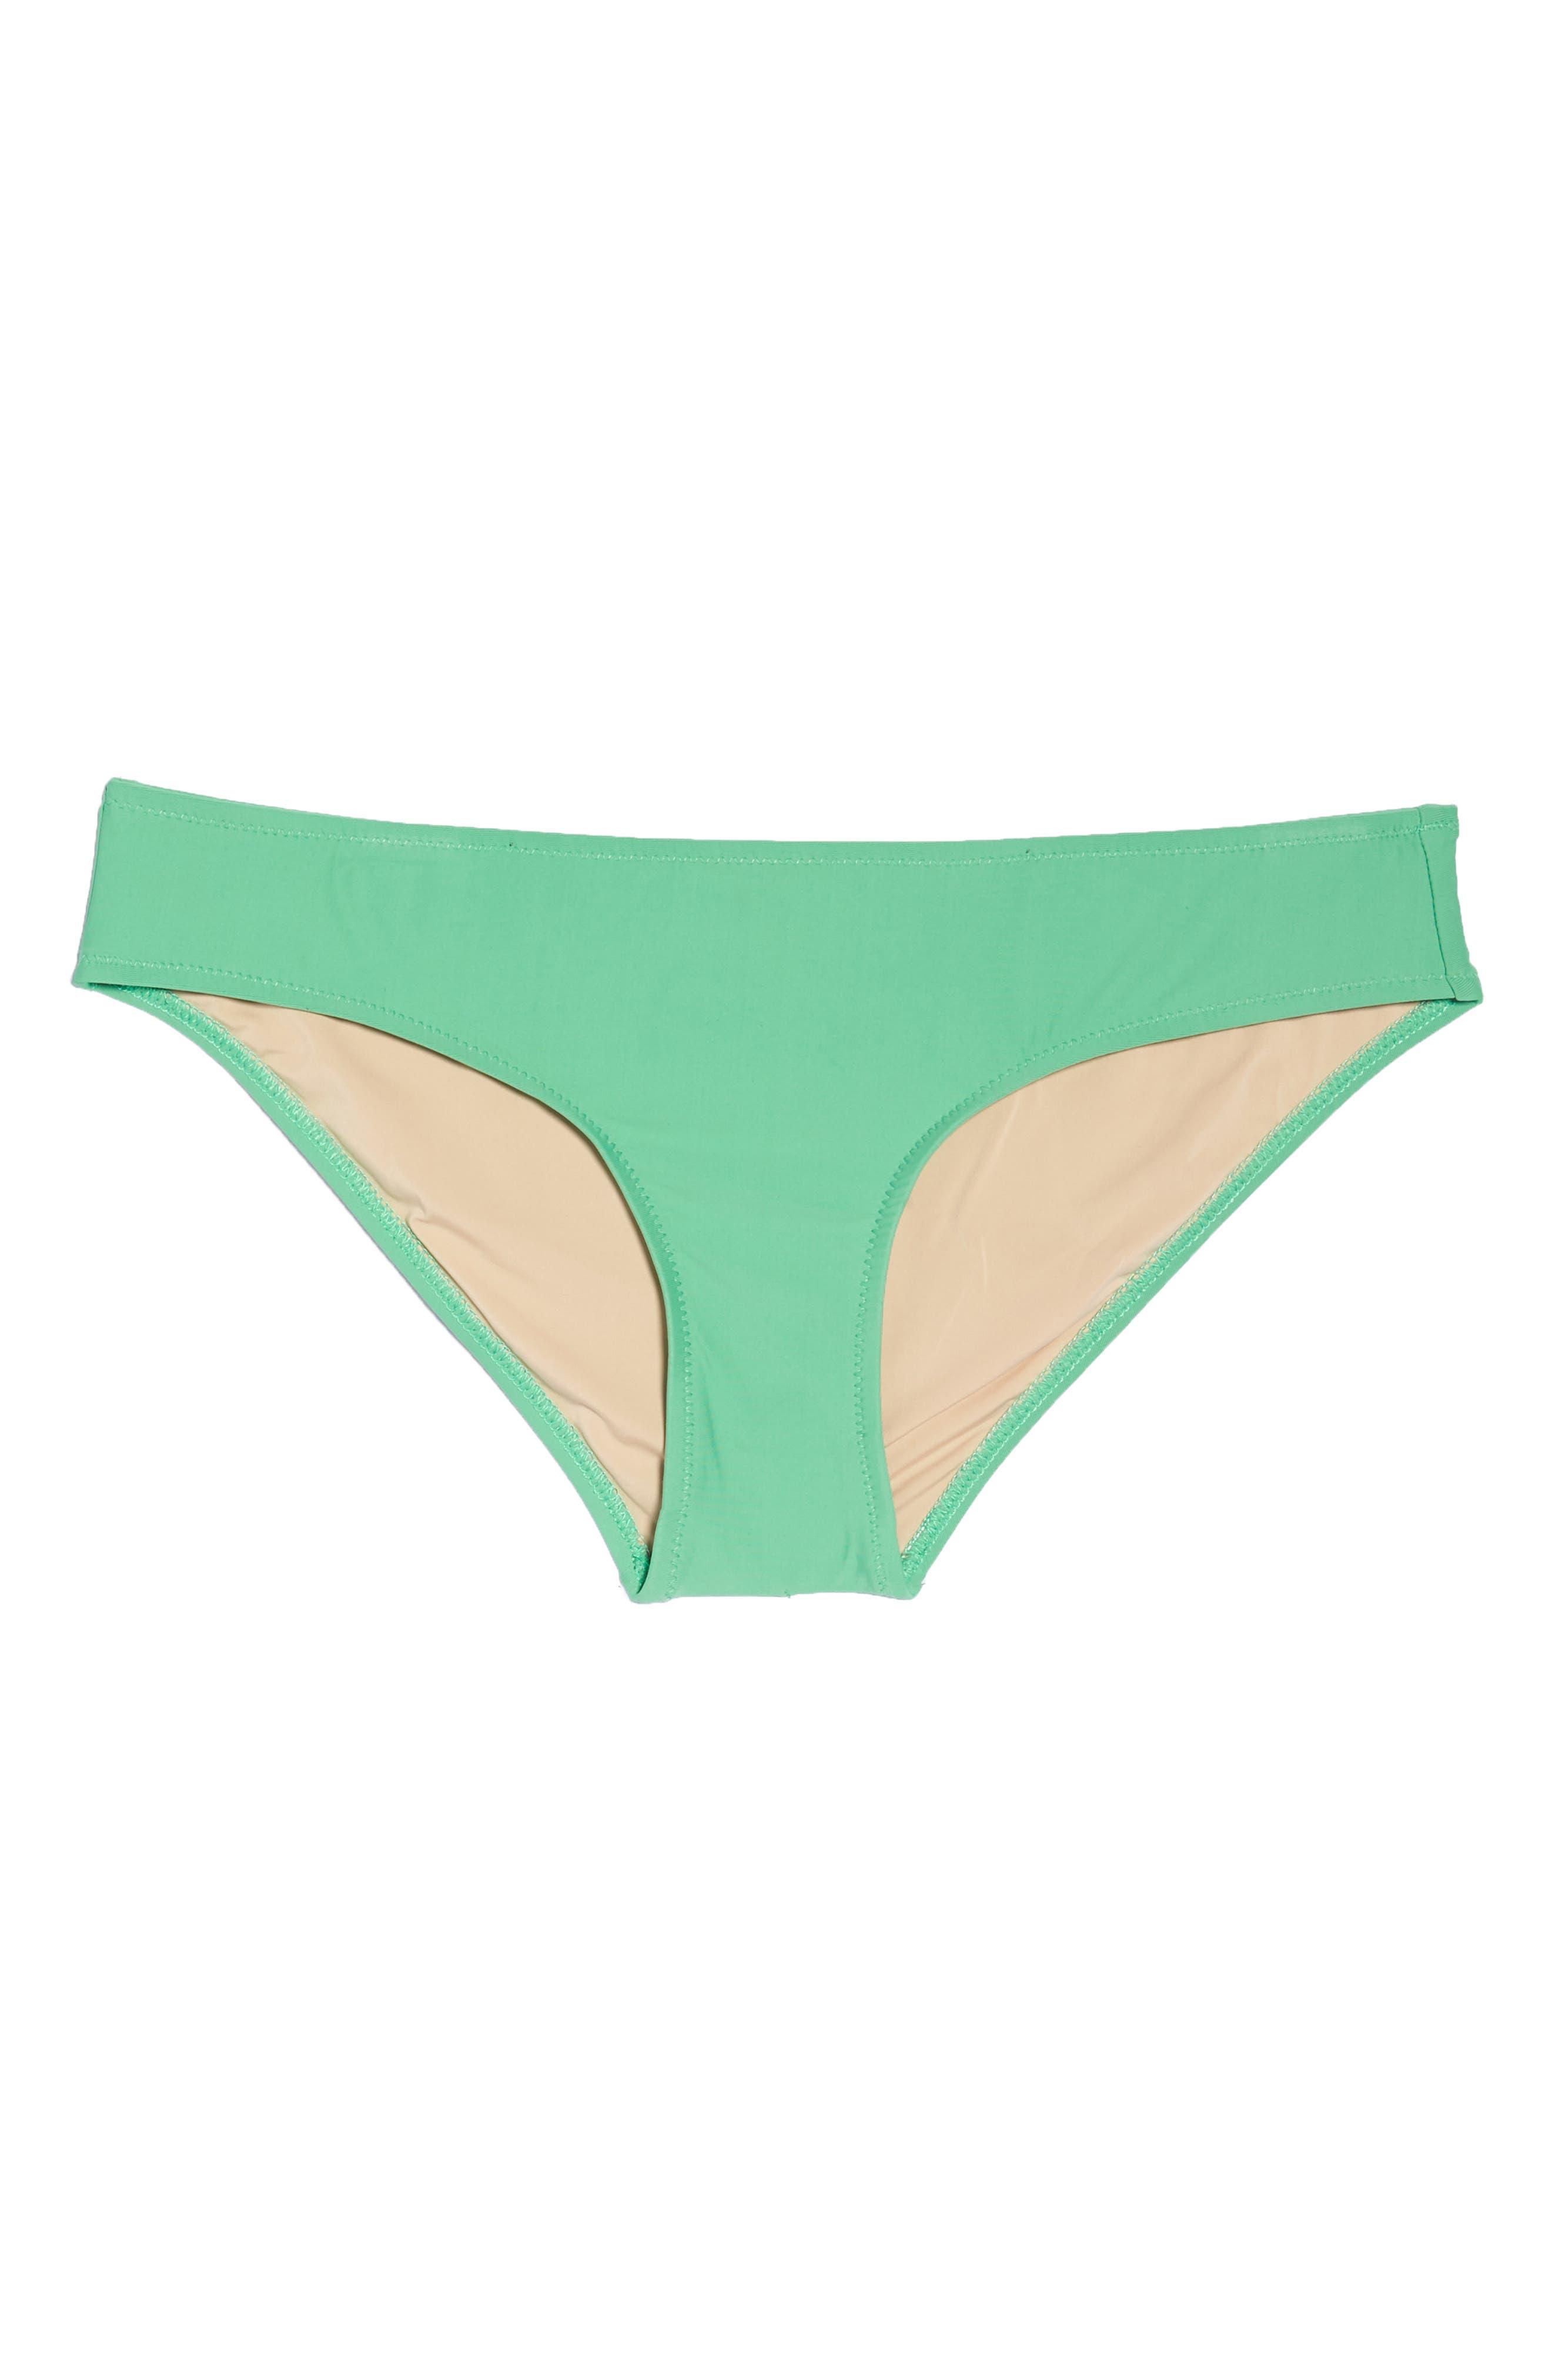 J.Crew Hipster Bikini Bottoms,                             Alternate thumbnail 9, color,                             Bright Spearmint